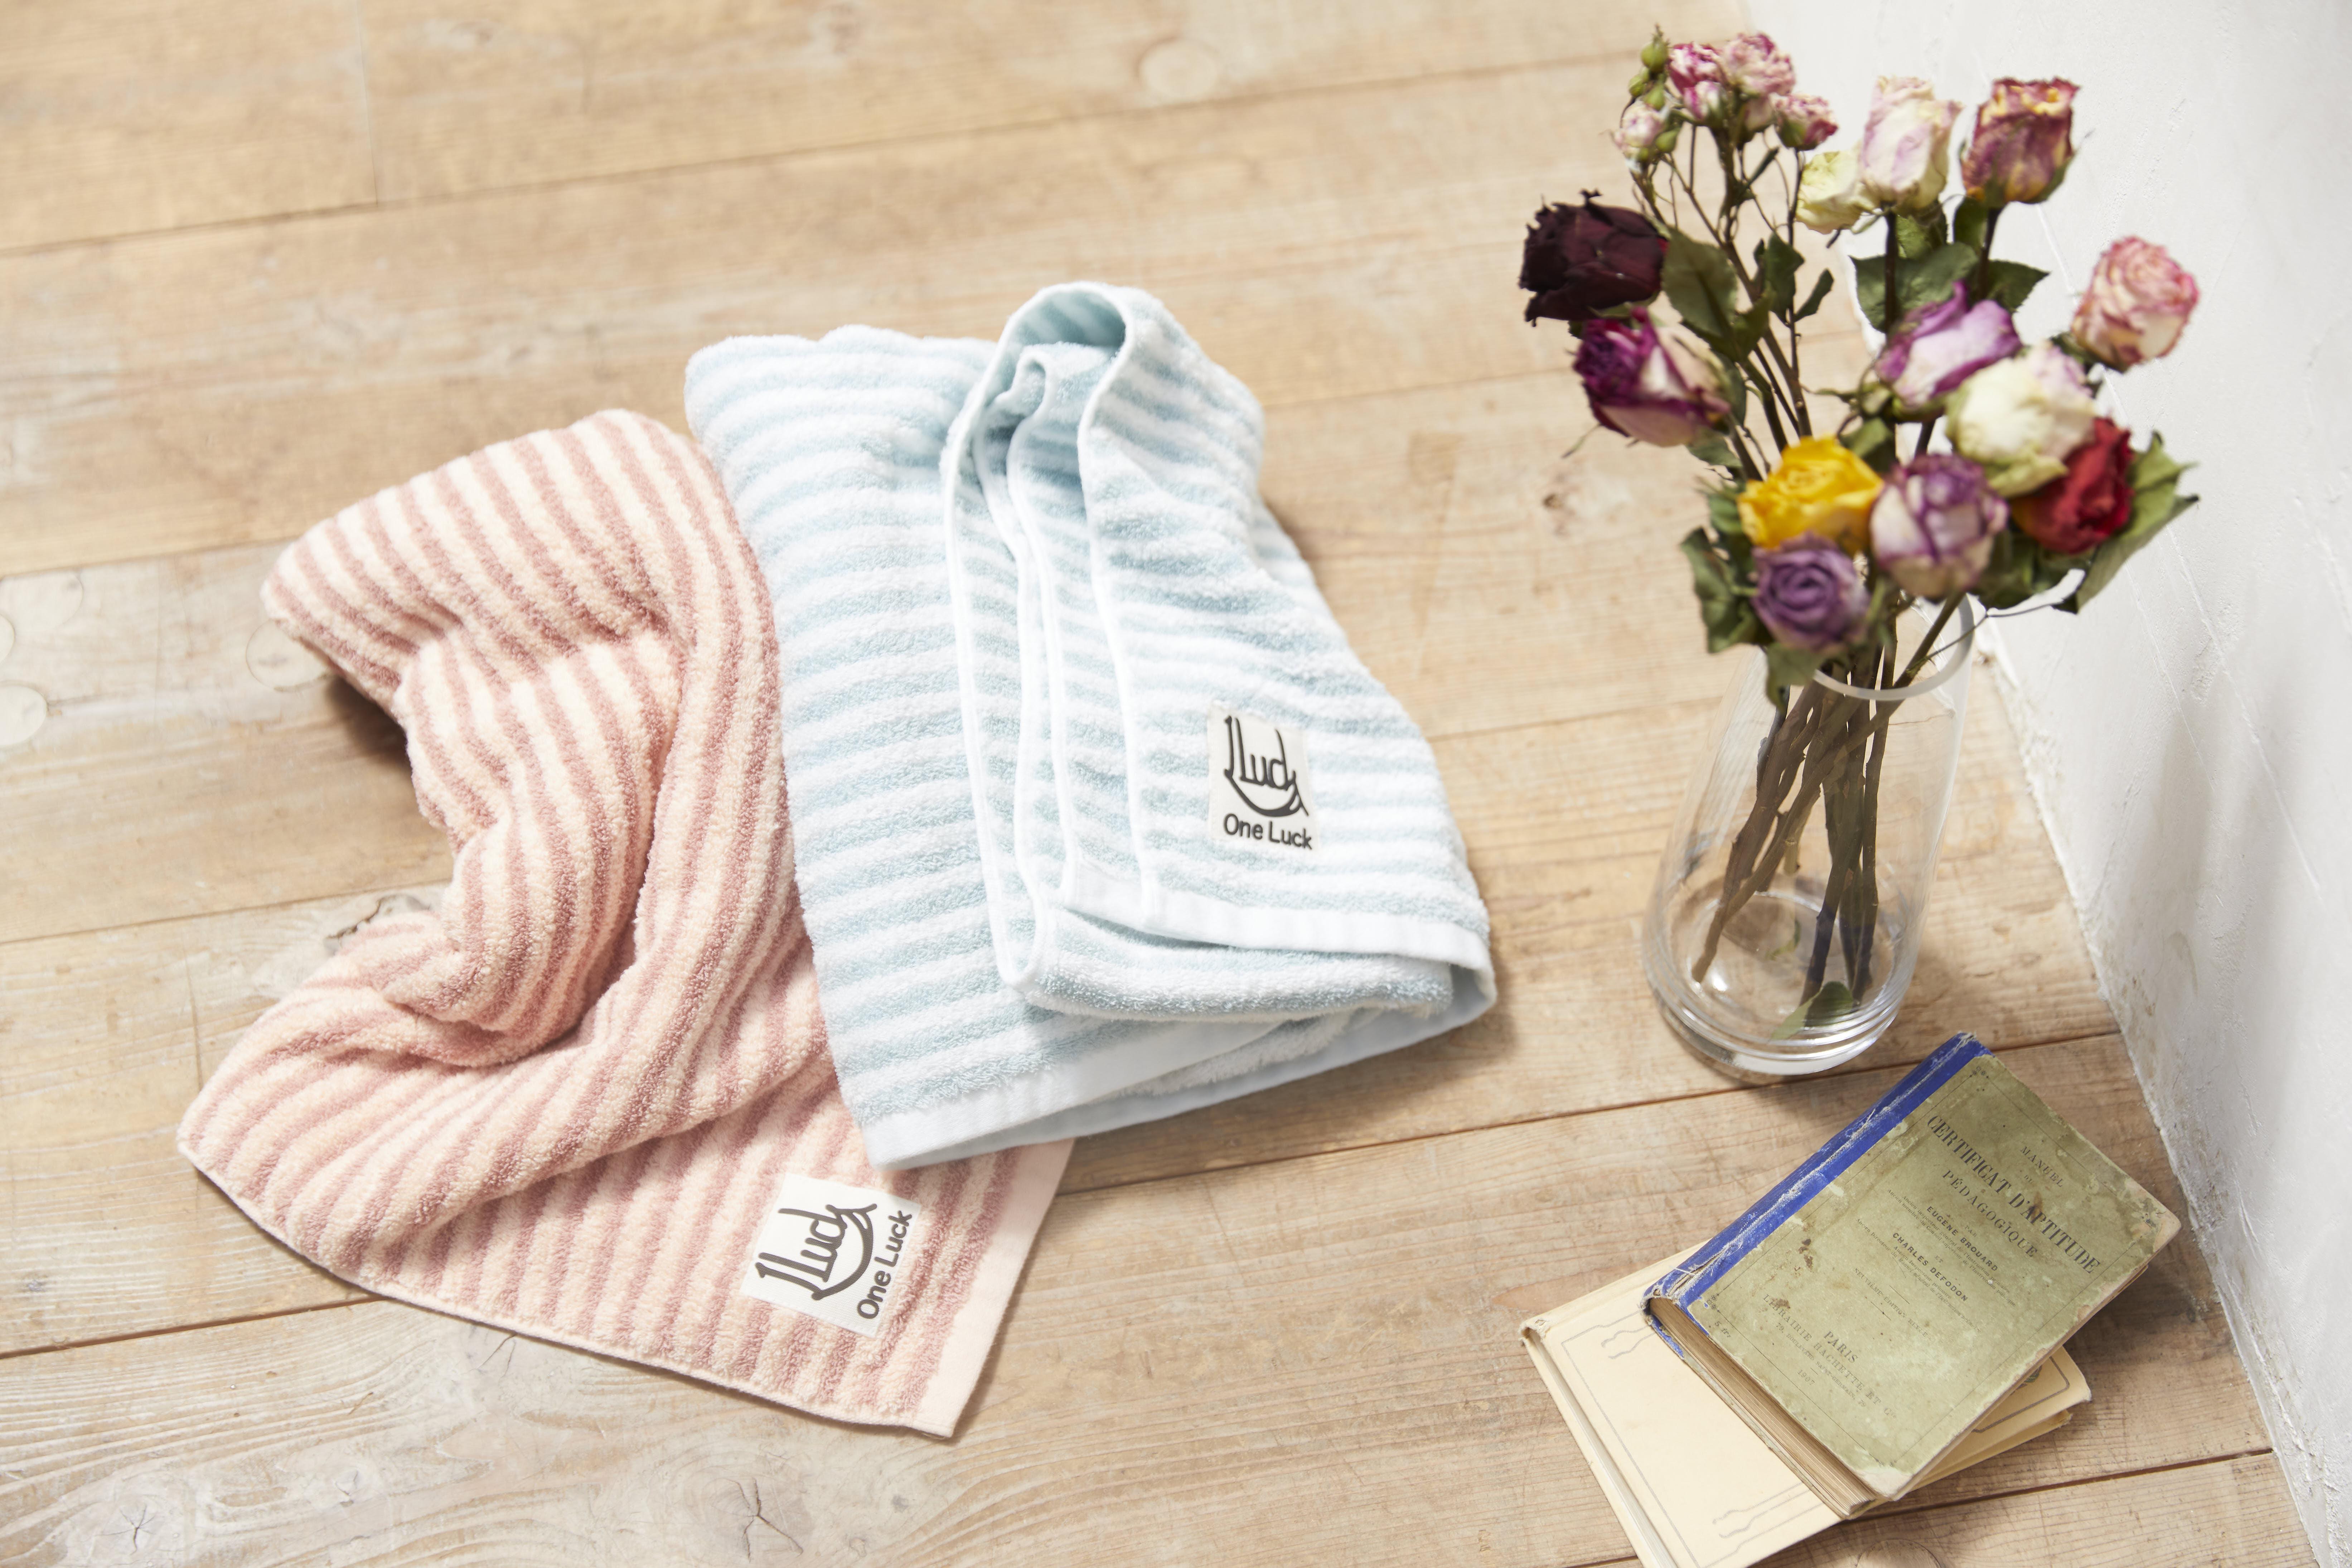 【タオル・9部丈Teeシャツ】母の日にDairyUseなアイテムをギフトに送りませんか